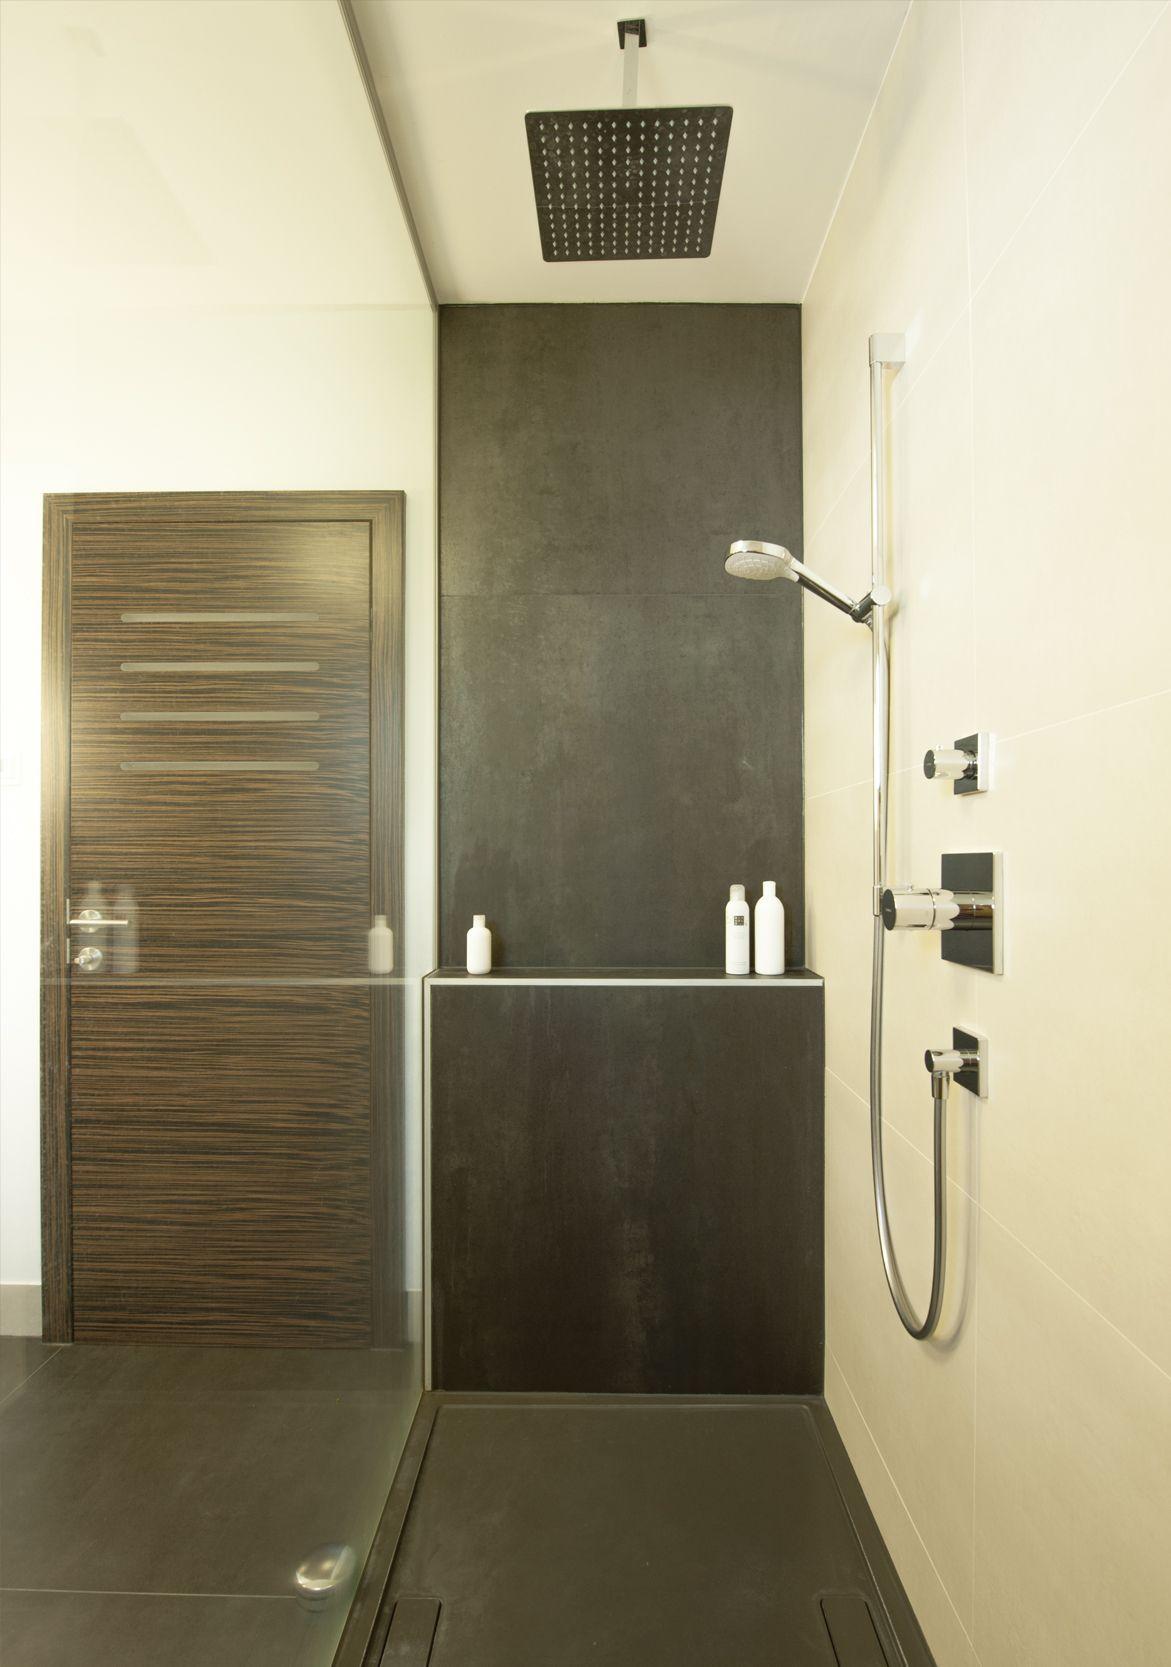 Frei Begehbare Dusche Mit Bodenebener Duschtasse Geflieste Ablagestufe Thermostatarmatur Handbrause Und Regenbrause Begehbare Dusche Ablage Dusche Dusche